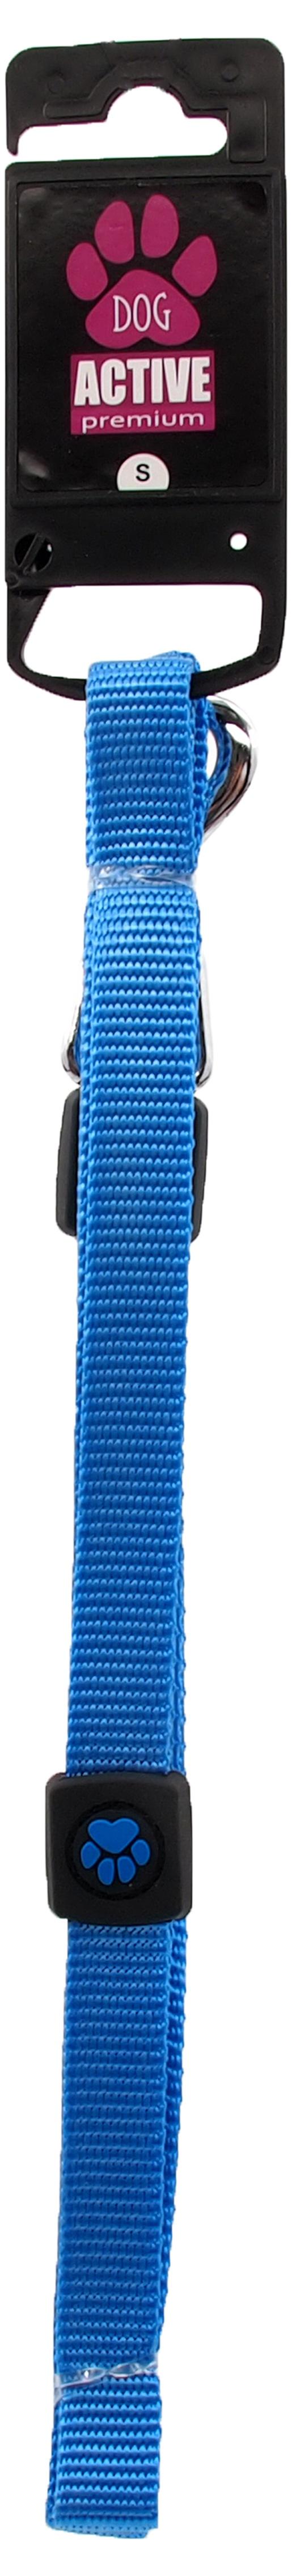 Vodítko Active Dog Premium S modré 1,5x120cm